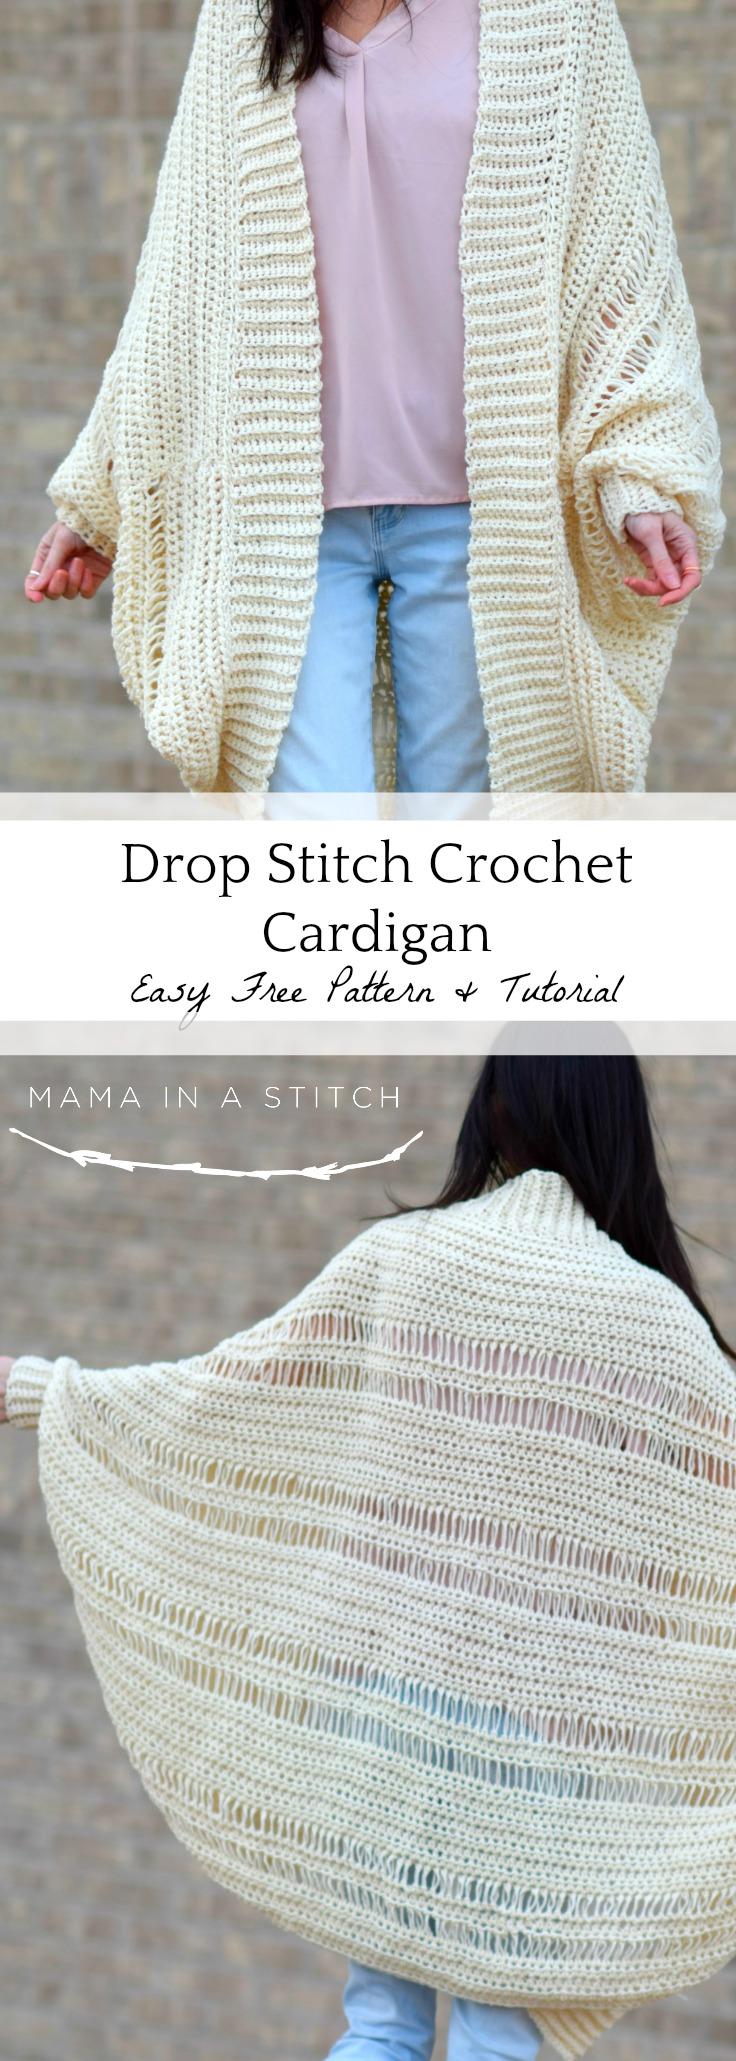 Pretty Drop Stitch Cardigan Beginner Crochet Sweater Mama In A Stitch